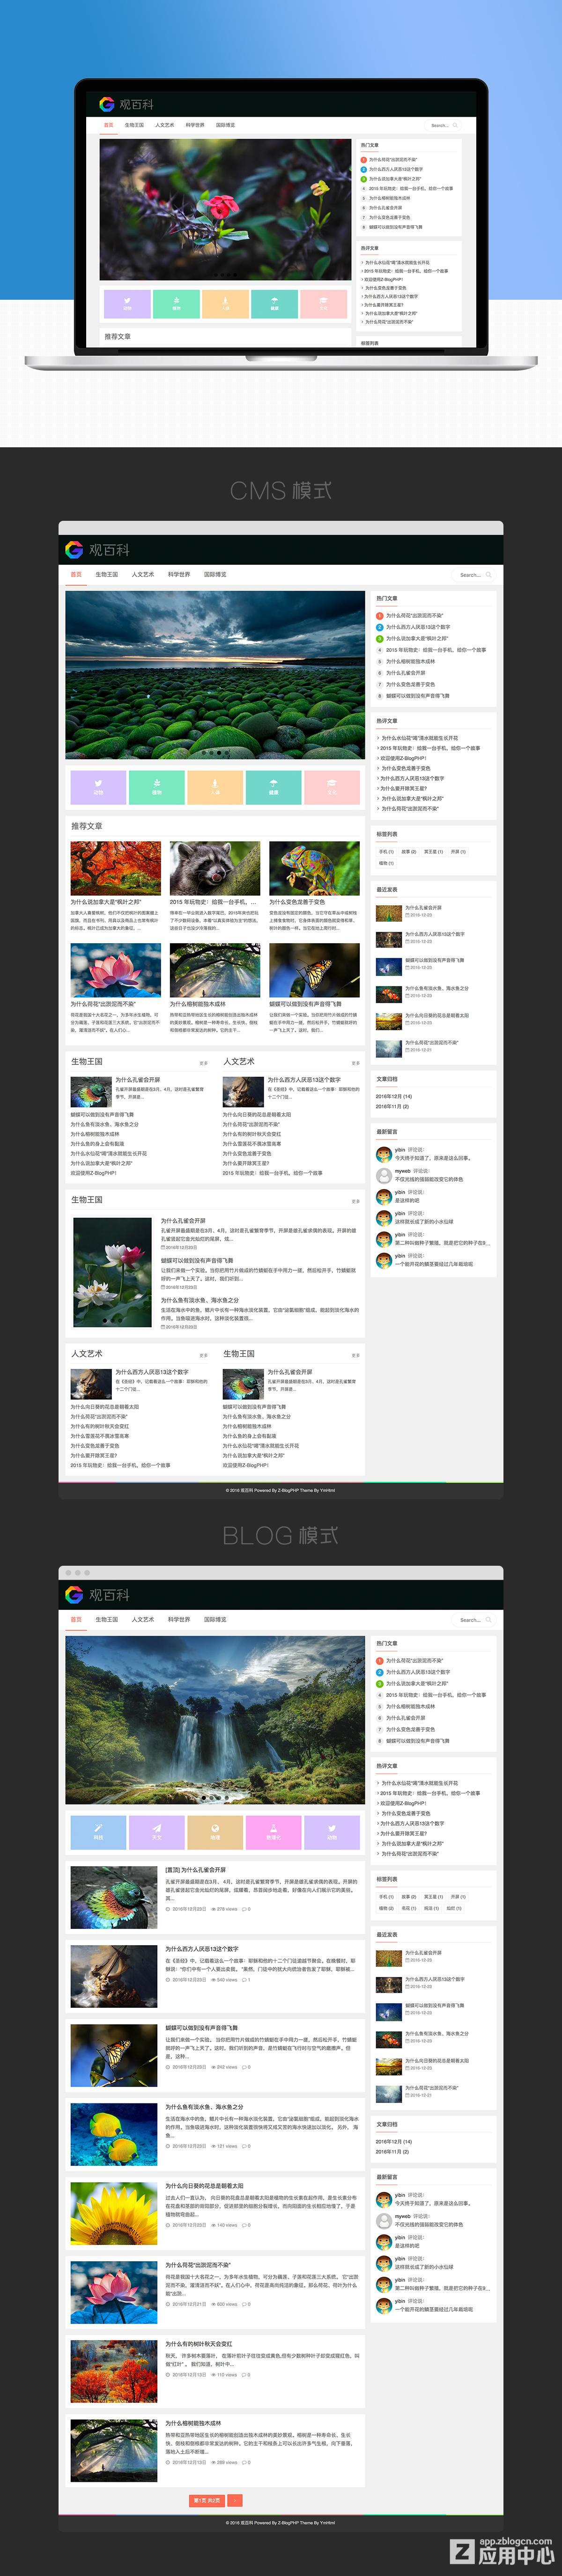 zblog高性价比主题,多布局响应式主题 建站模板 第8张